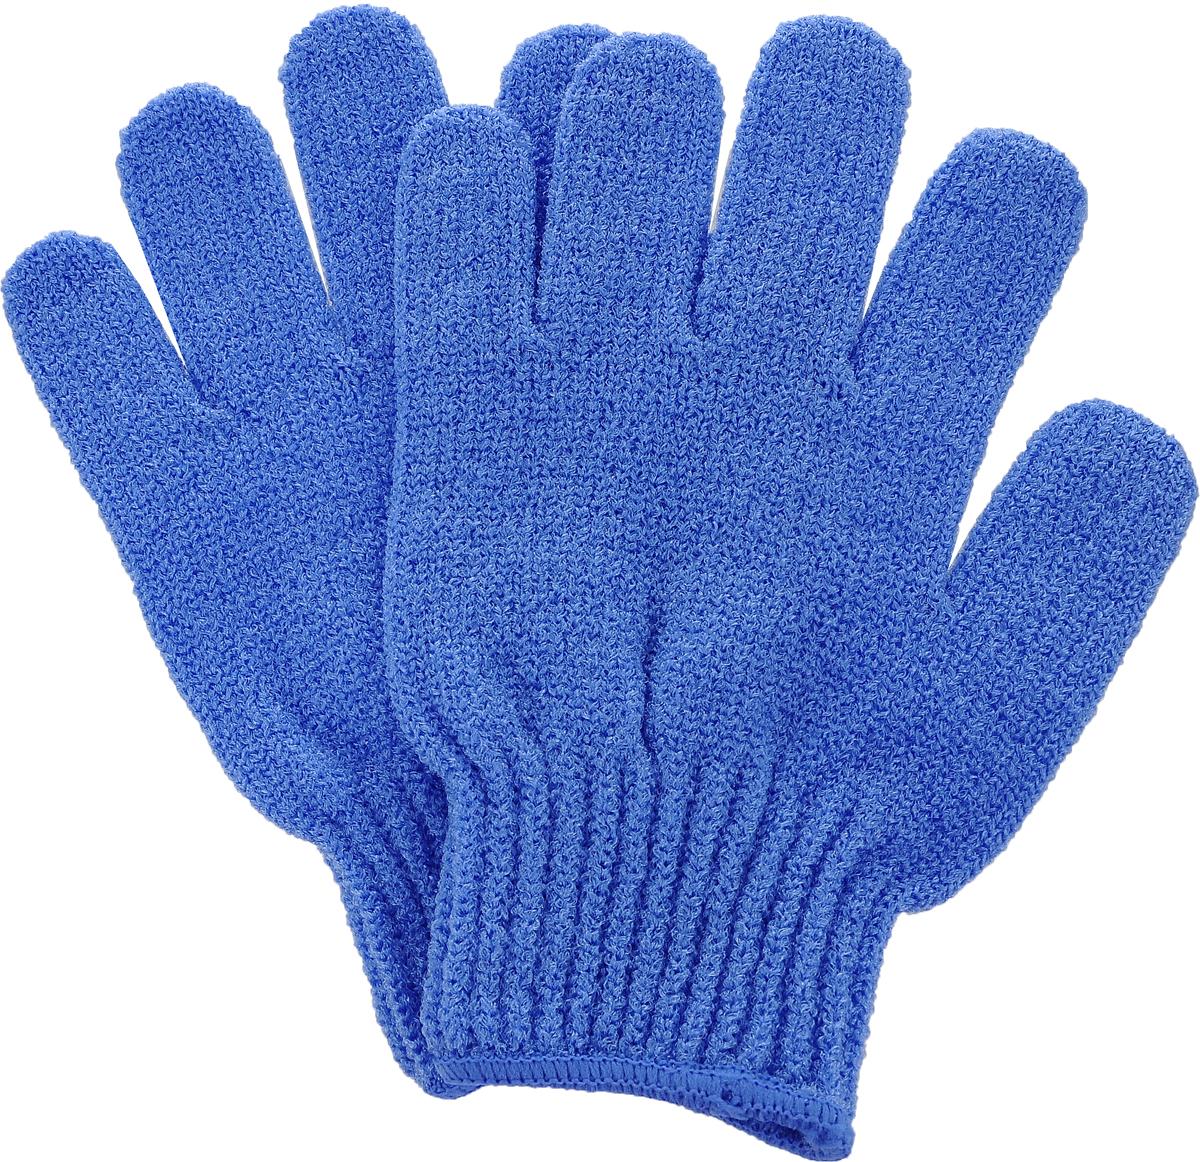 Перчатки для пилинга Riffi, цвет: синий5010777139655Эластичные безразмерные перчатки Riffi обладают активным антицеллюлитным эффектом и отличным пилинговым действием, тонизируя, массируя и эффективно очищая вашу кожу.Перчатки Riffi освобождает кожу от отмерших клеток, стимулирует регенерацию. Эффективно предупреждают образование целлюлита и обеспечивают омолаживающий эффект. Кожа становится гладкой, упругой и лучше готовой к принятию косметических средств. Интенсивный и пощипывающий свежий массаж тела с применением перчаток Riffi стимулирует кровообращение, активирует кровоснабжение, способствует обмену веществ. В комплекте 1 пара перчаток.